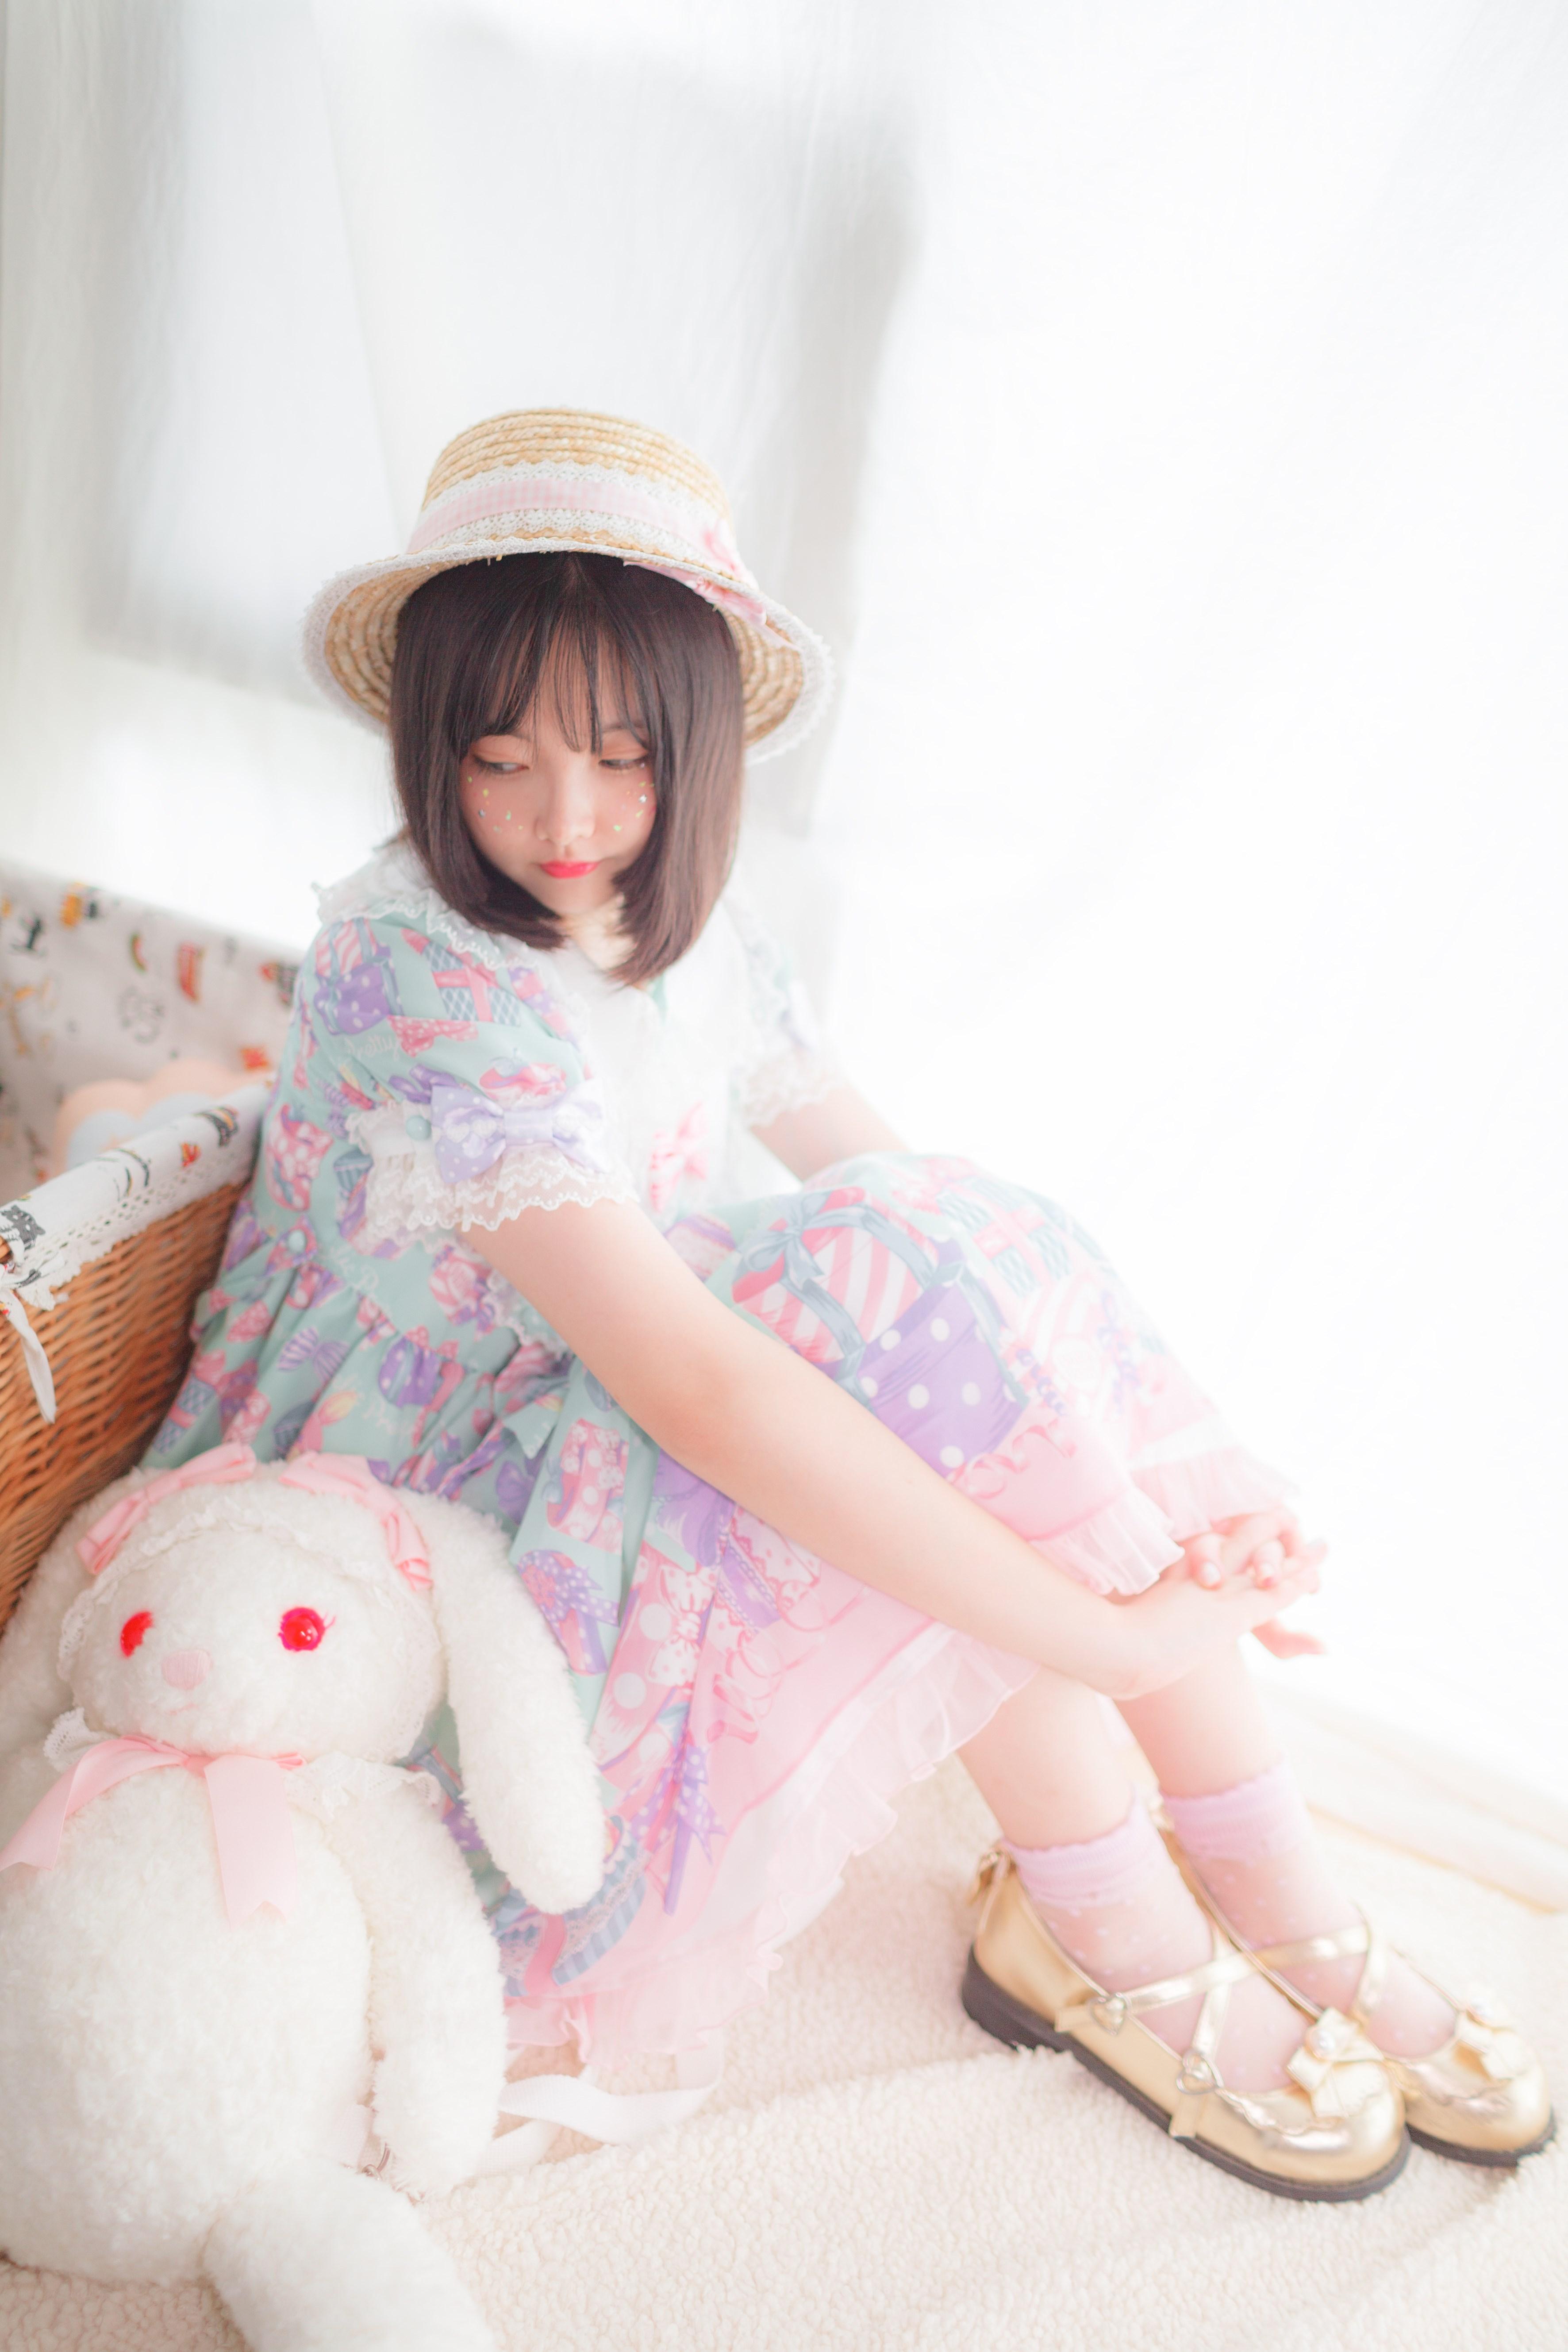 【兔玩映画】软萌小萝莉 兔玩映画 第2张